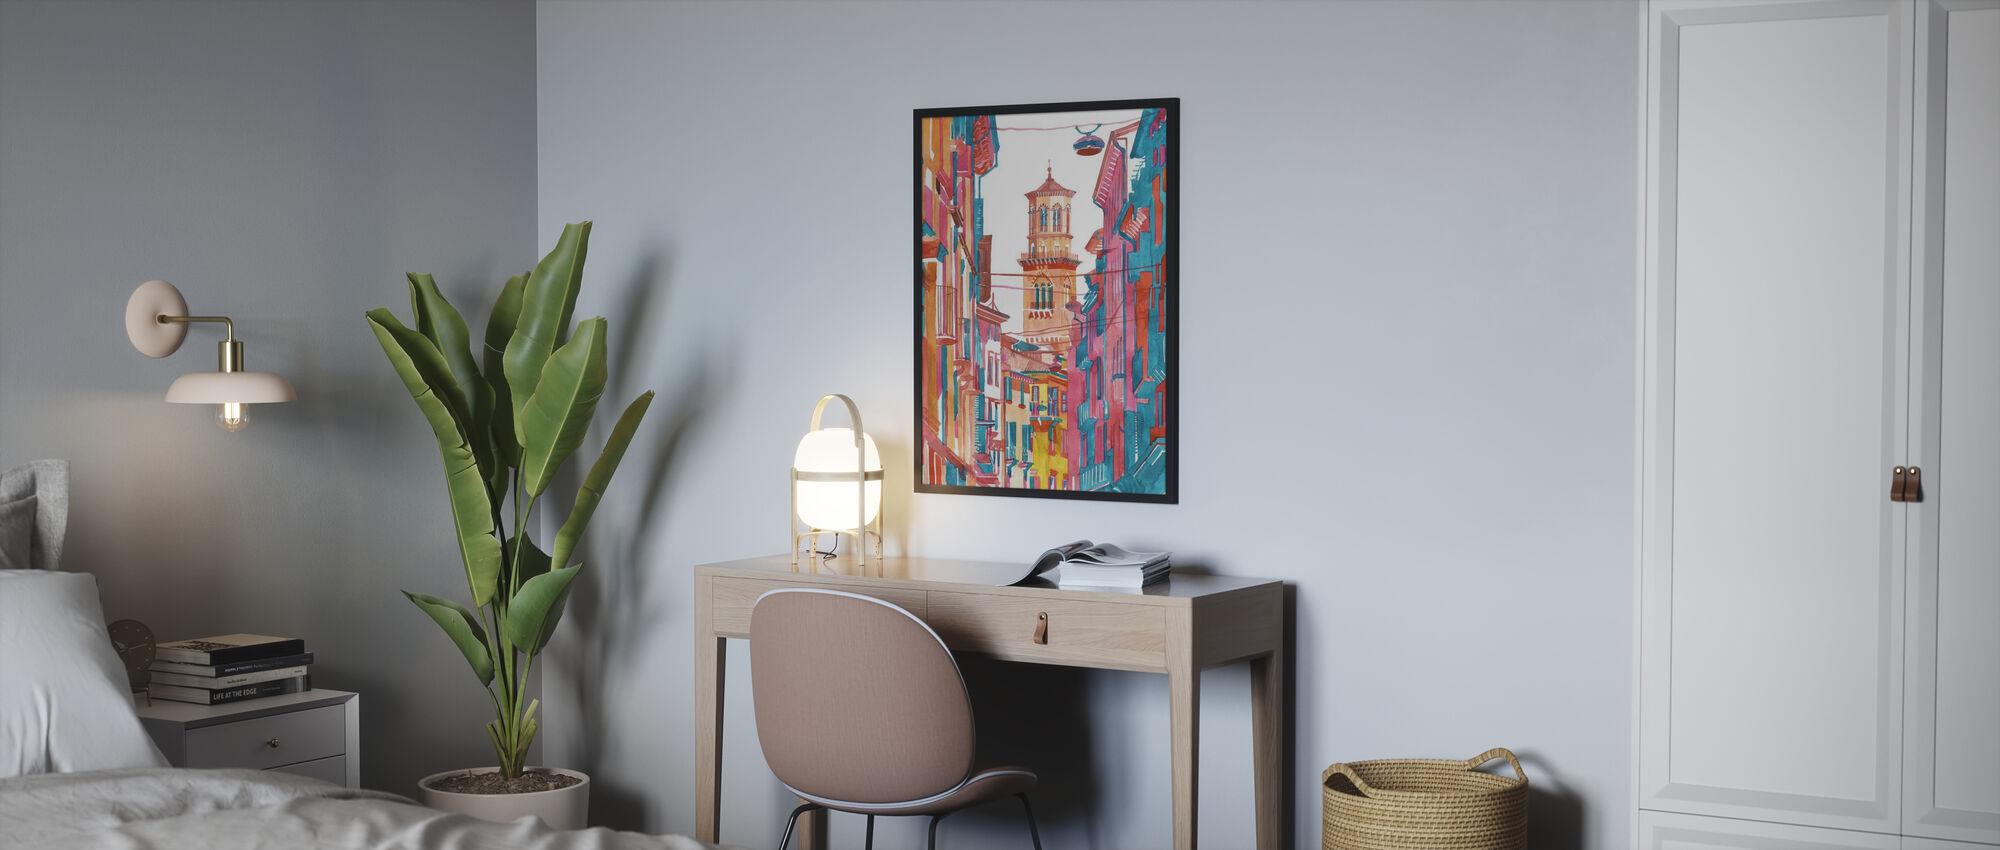 Verona Street - Poster - Bedroom